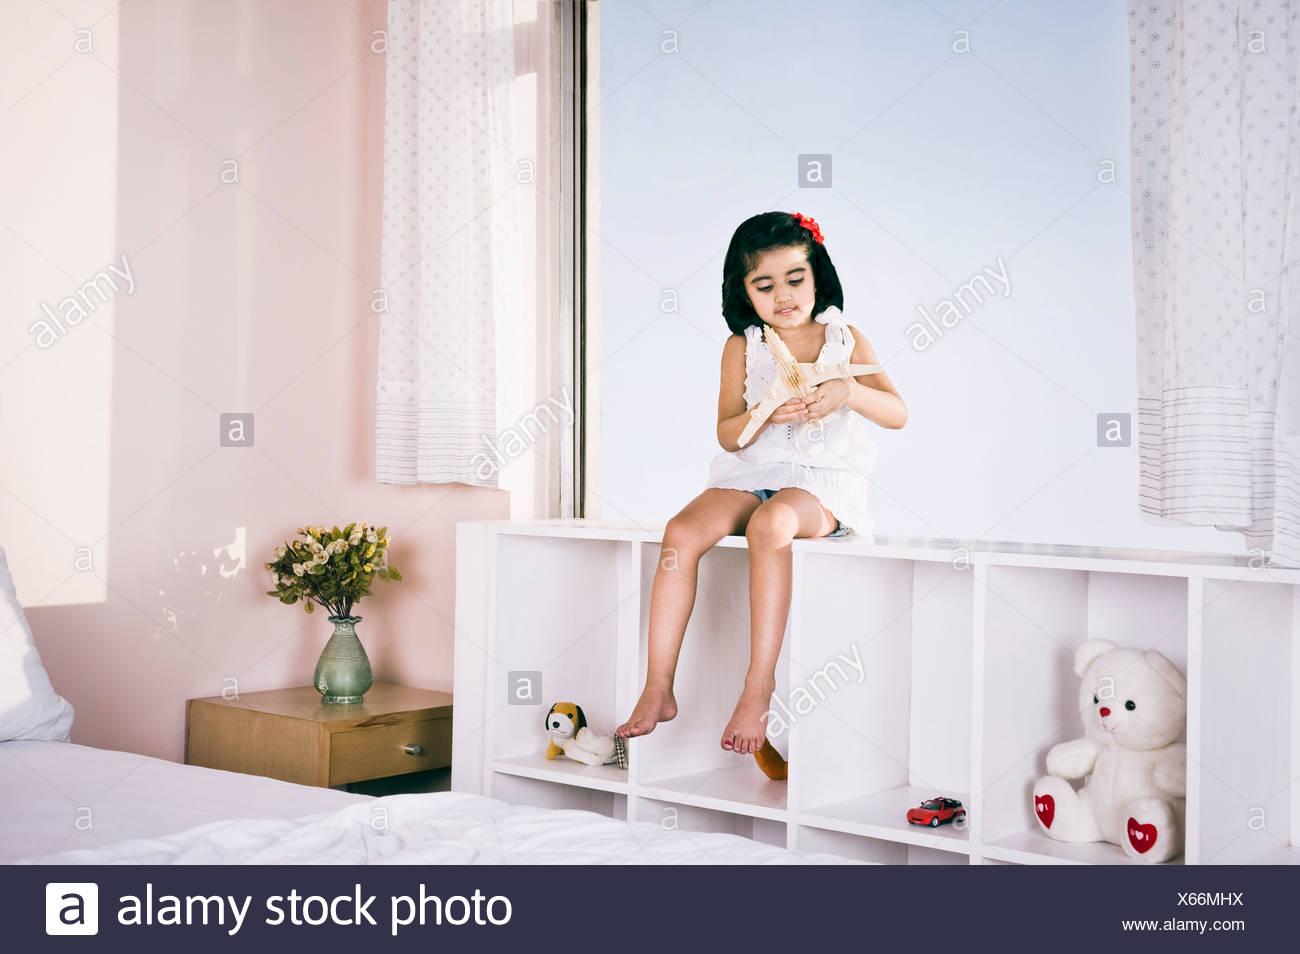 Mädchen sitzen auf einem Regal und spielen mit Spielzeugflugzeug Stockbild